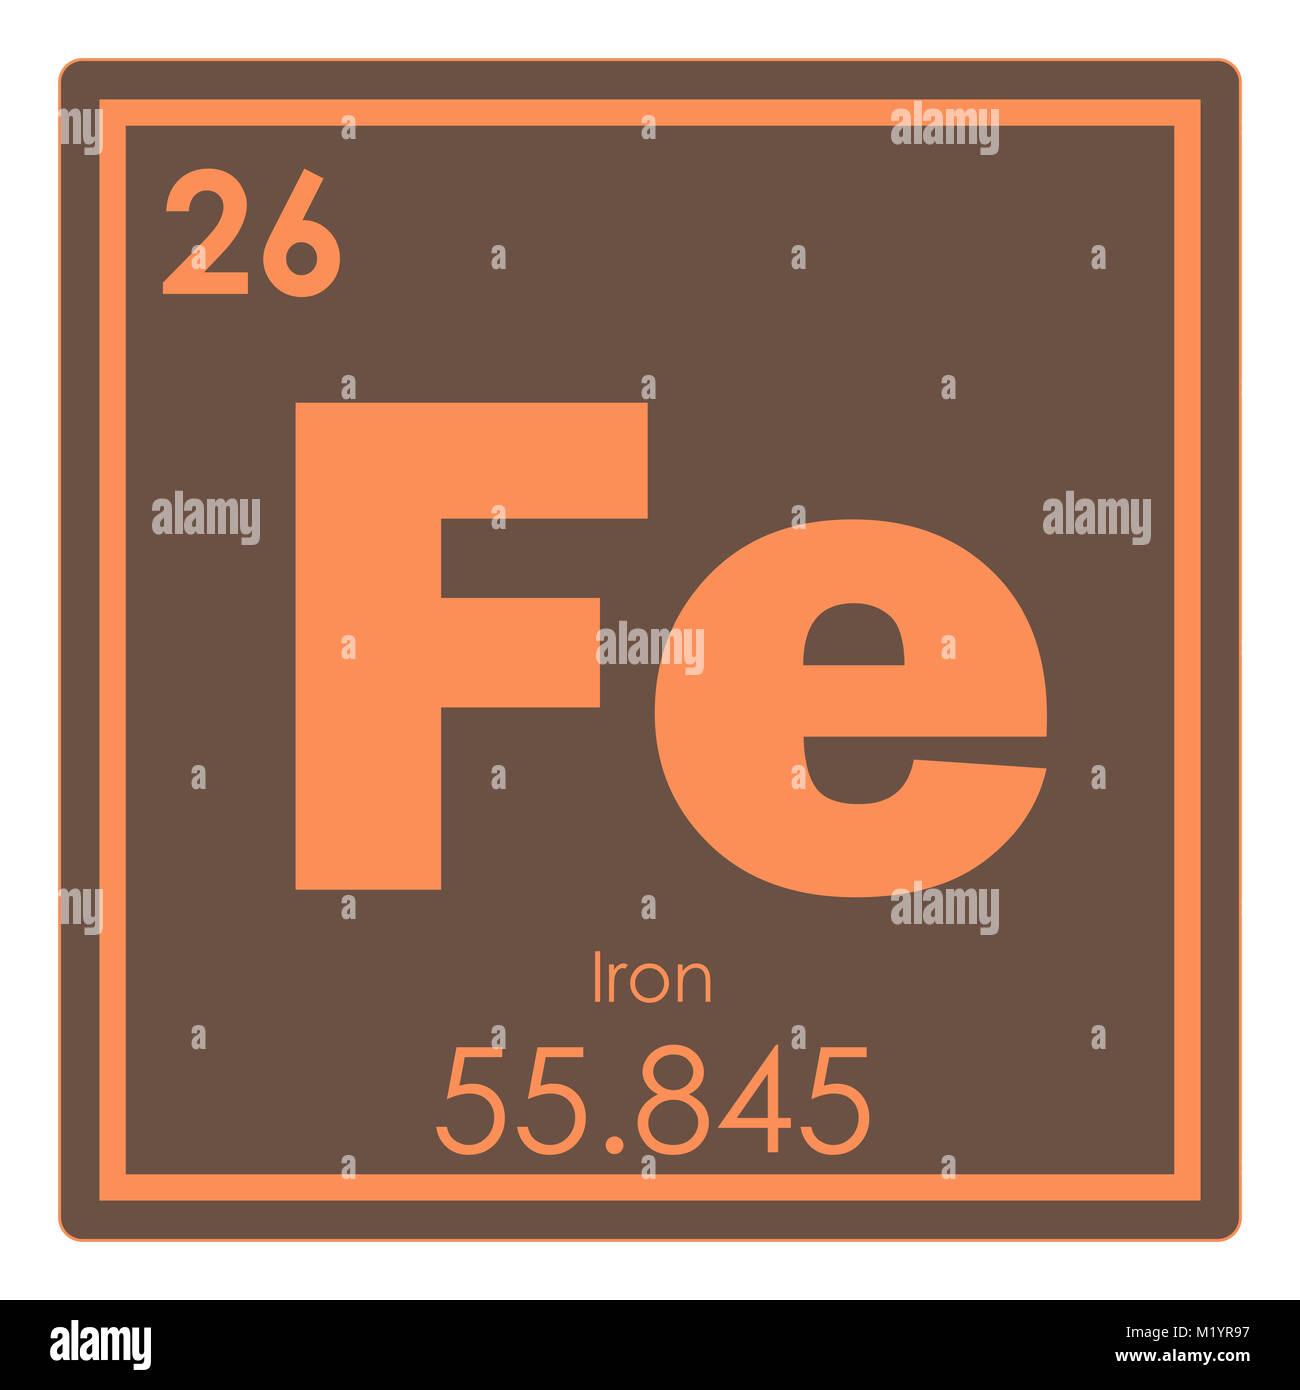 Tabla peridica de elementos qumicos de hierro smbolo de ciencia tabla peridica de elementos qumicos de hierro smbolo de ciencia urtaz Choice Image